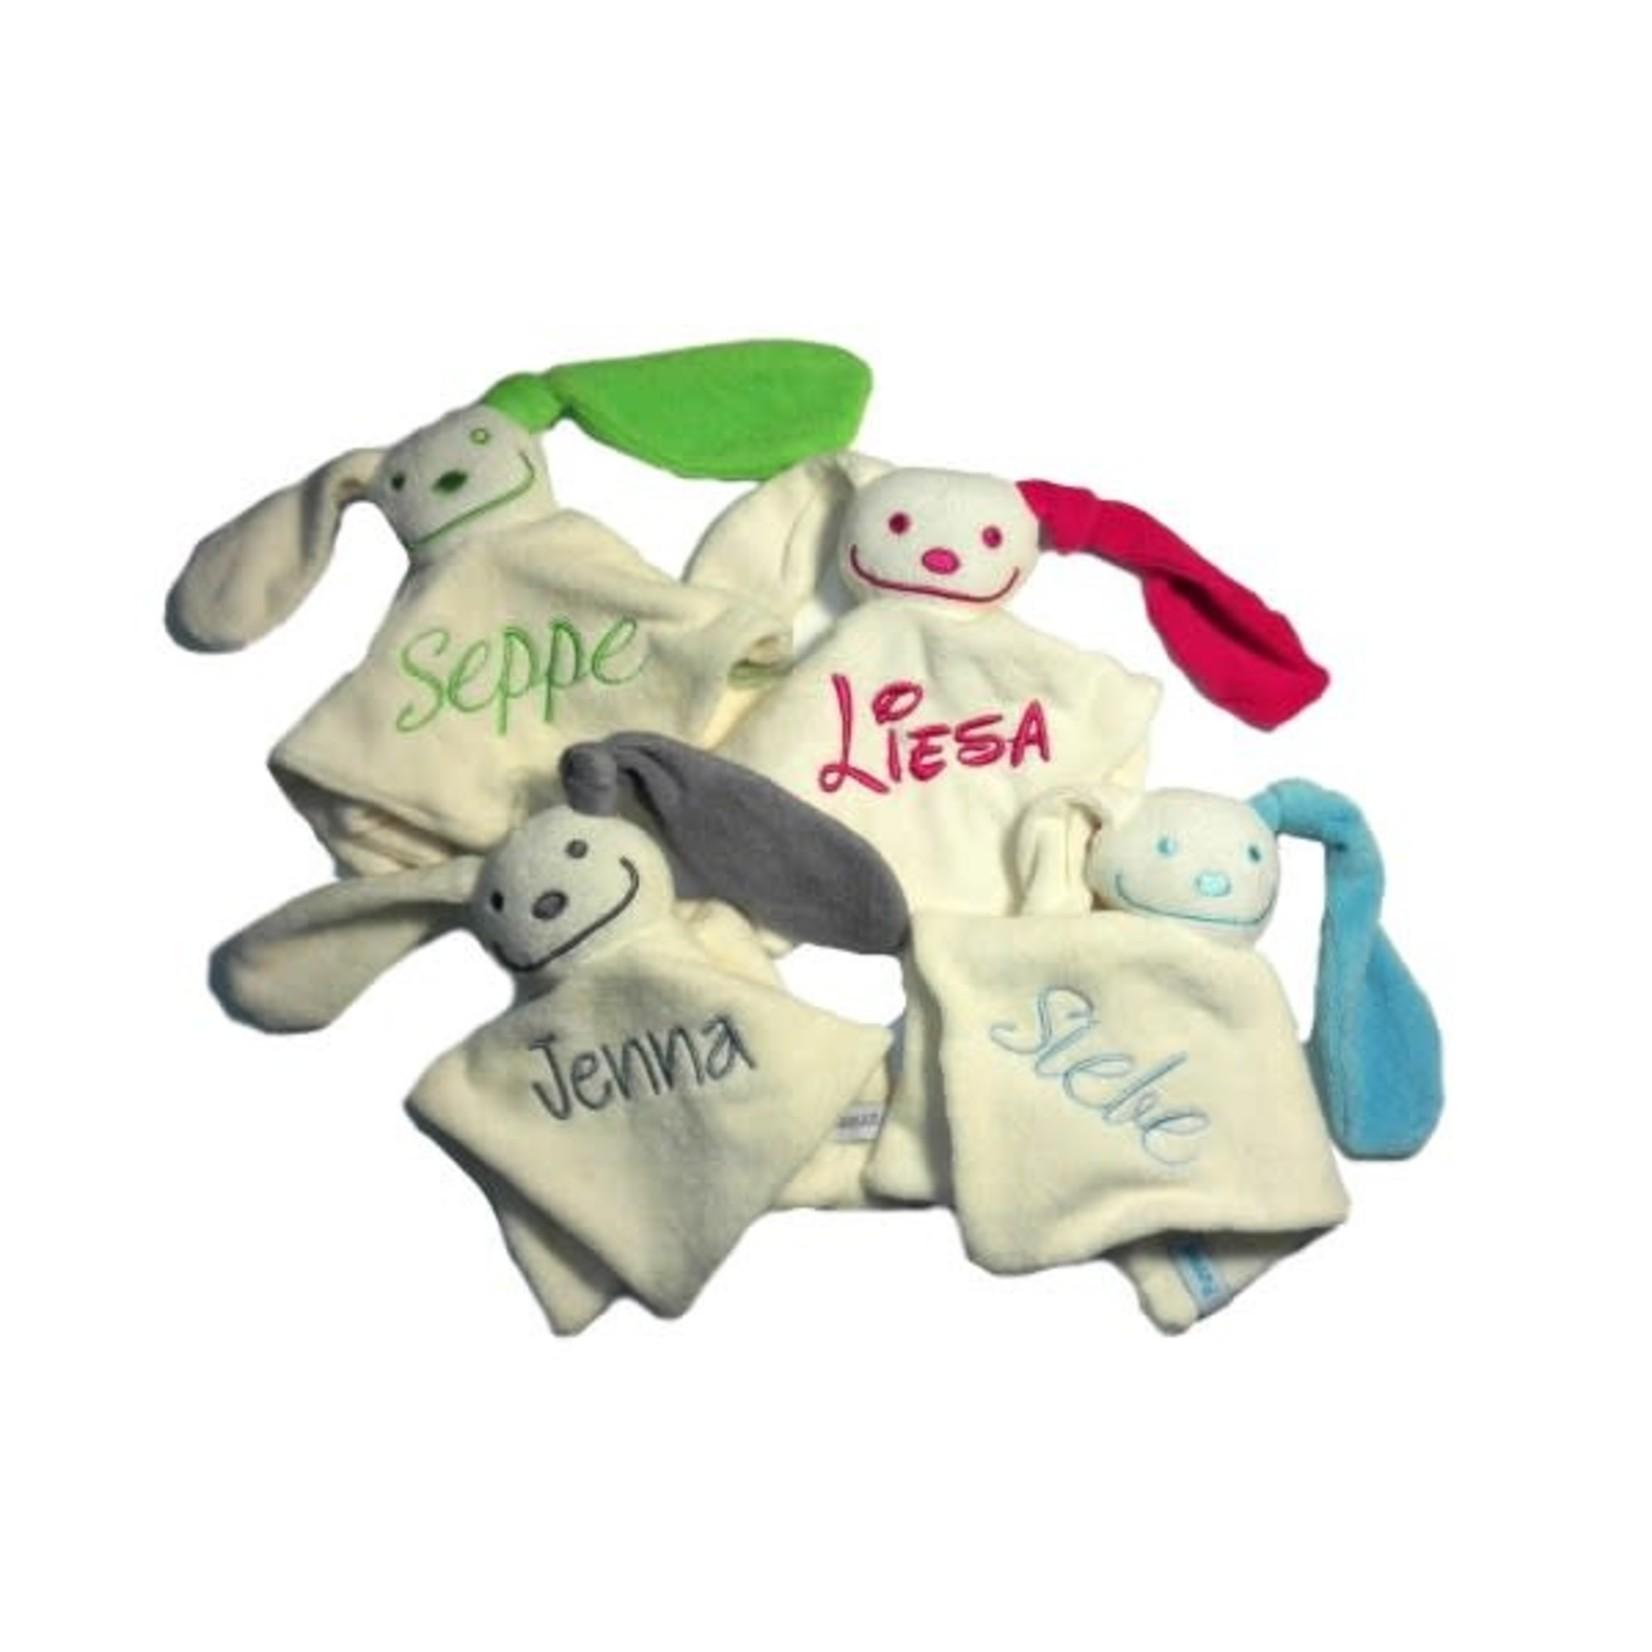 Funnies Sponzen konijntje met naam